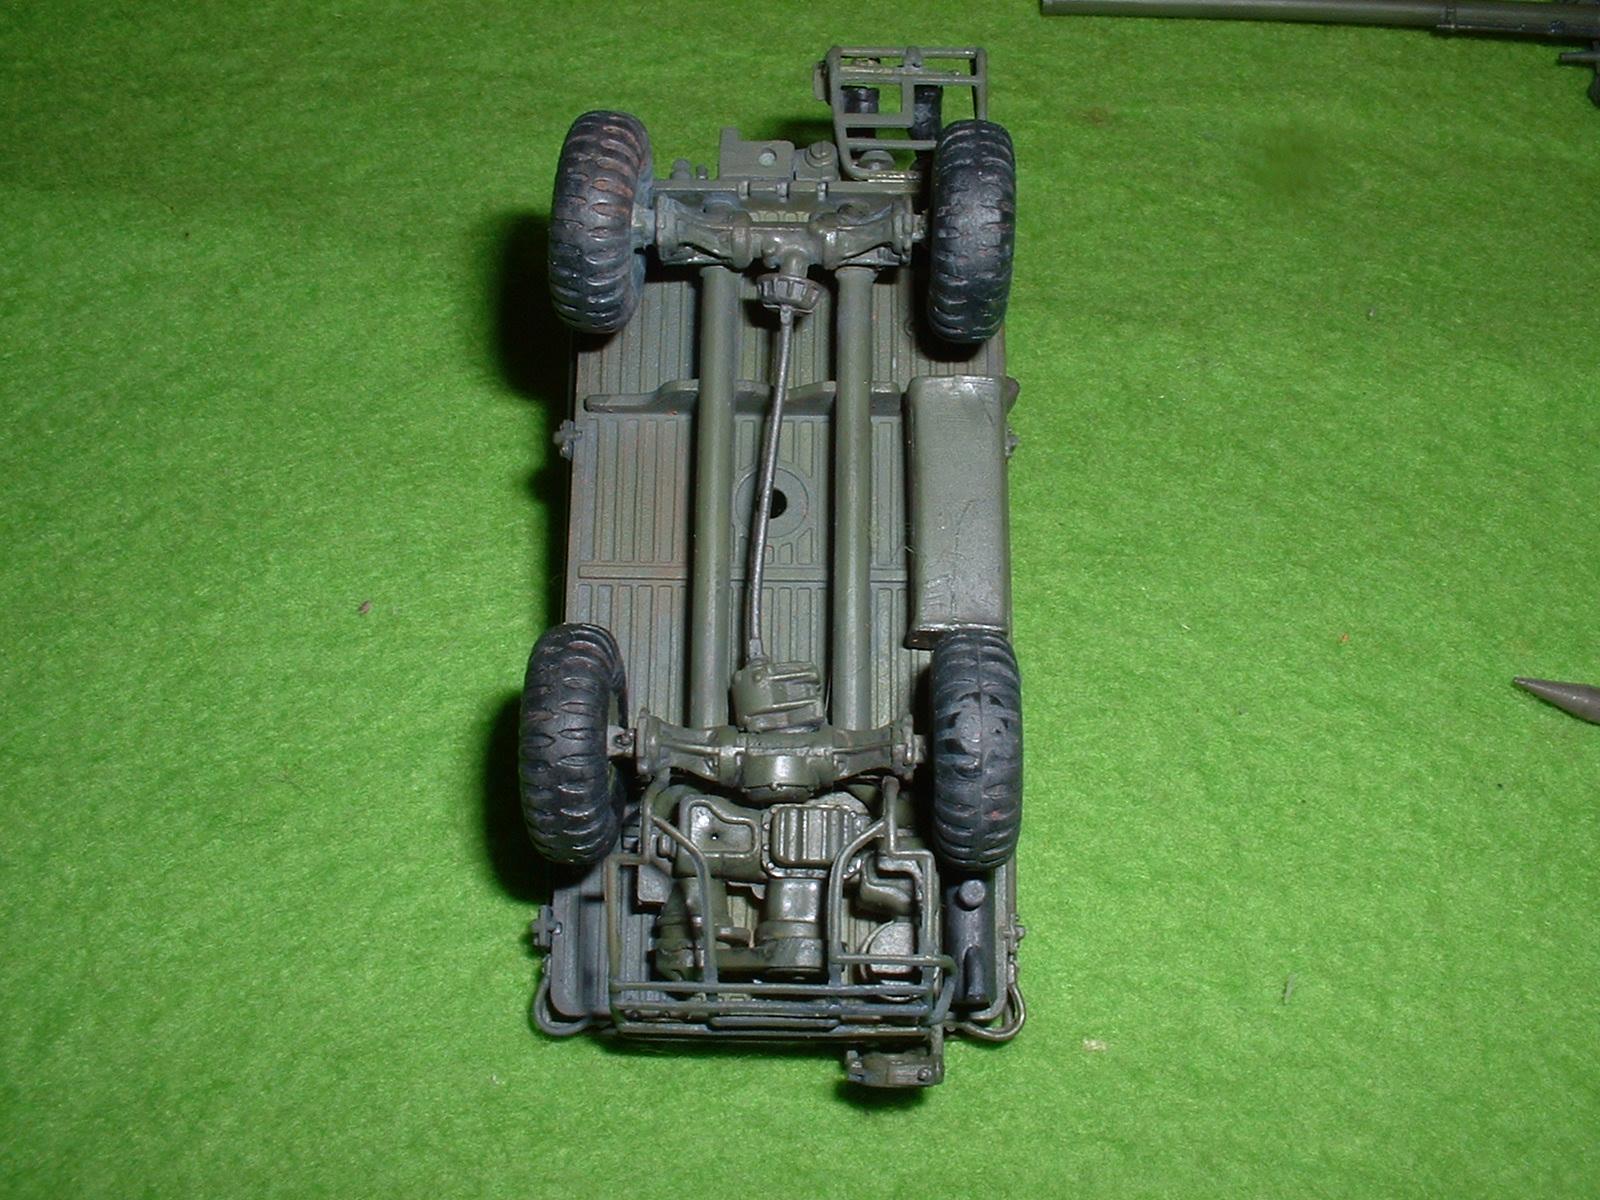 ドラゴン 35分の1 M274 その8 外箱.JPG.JPG